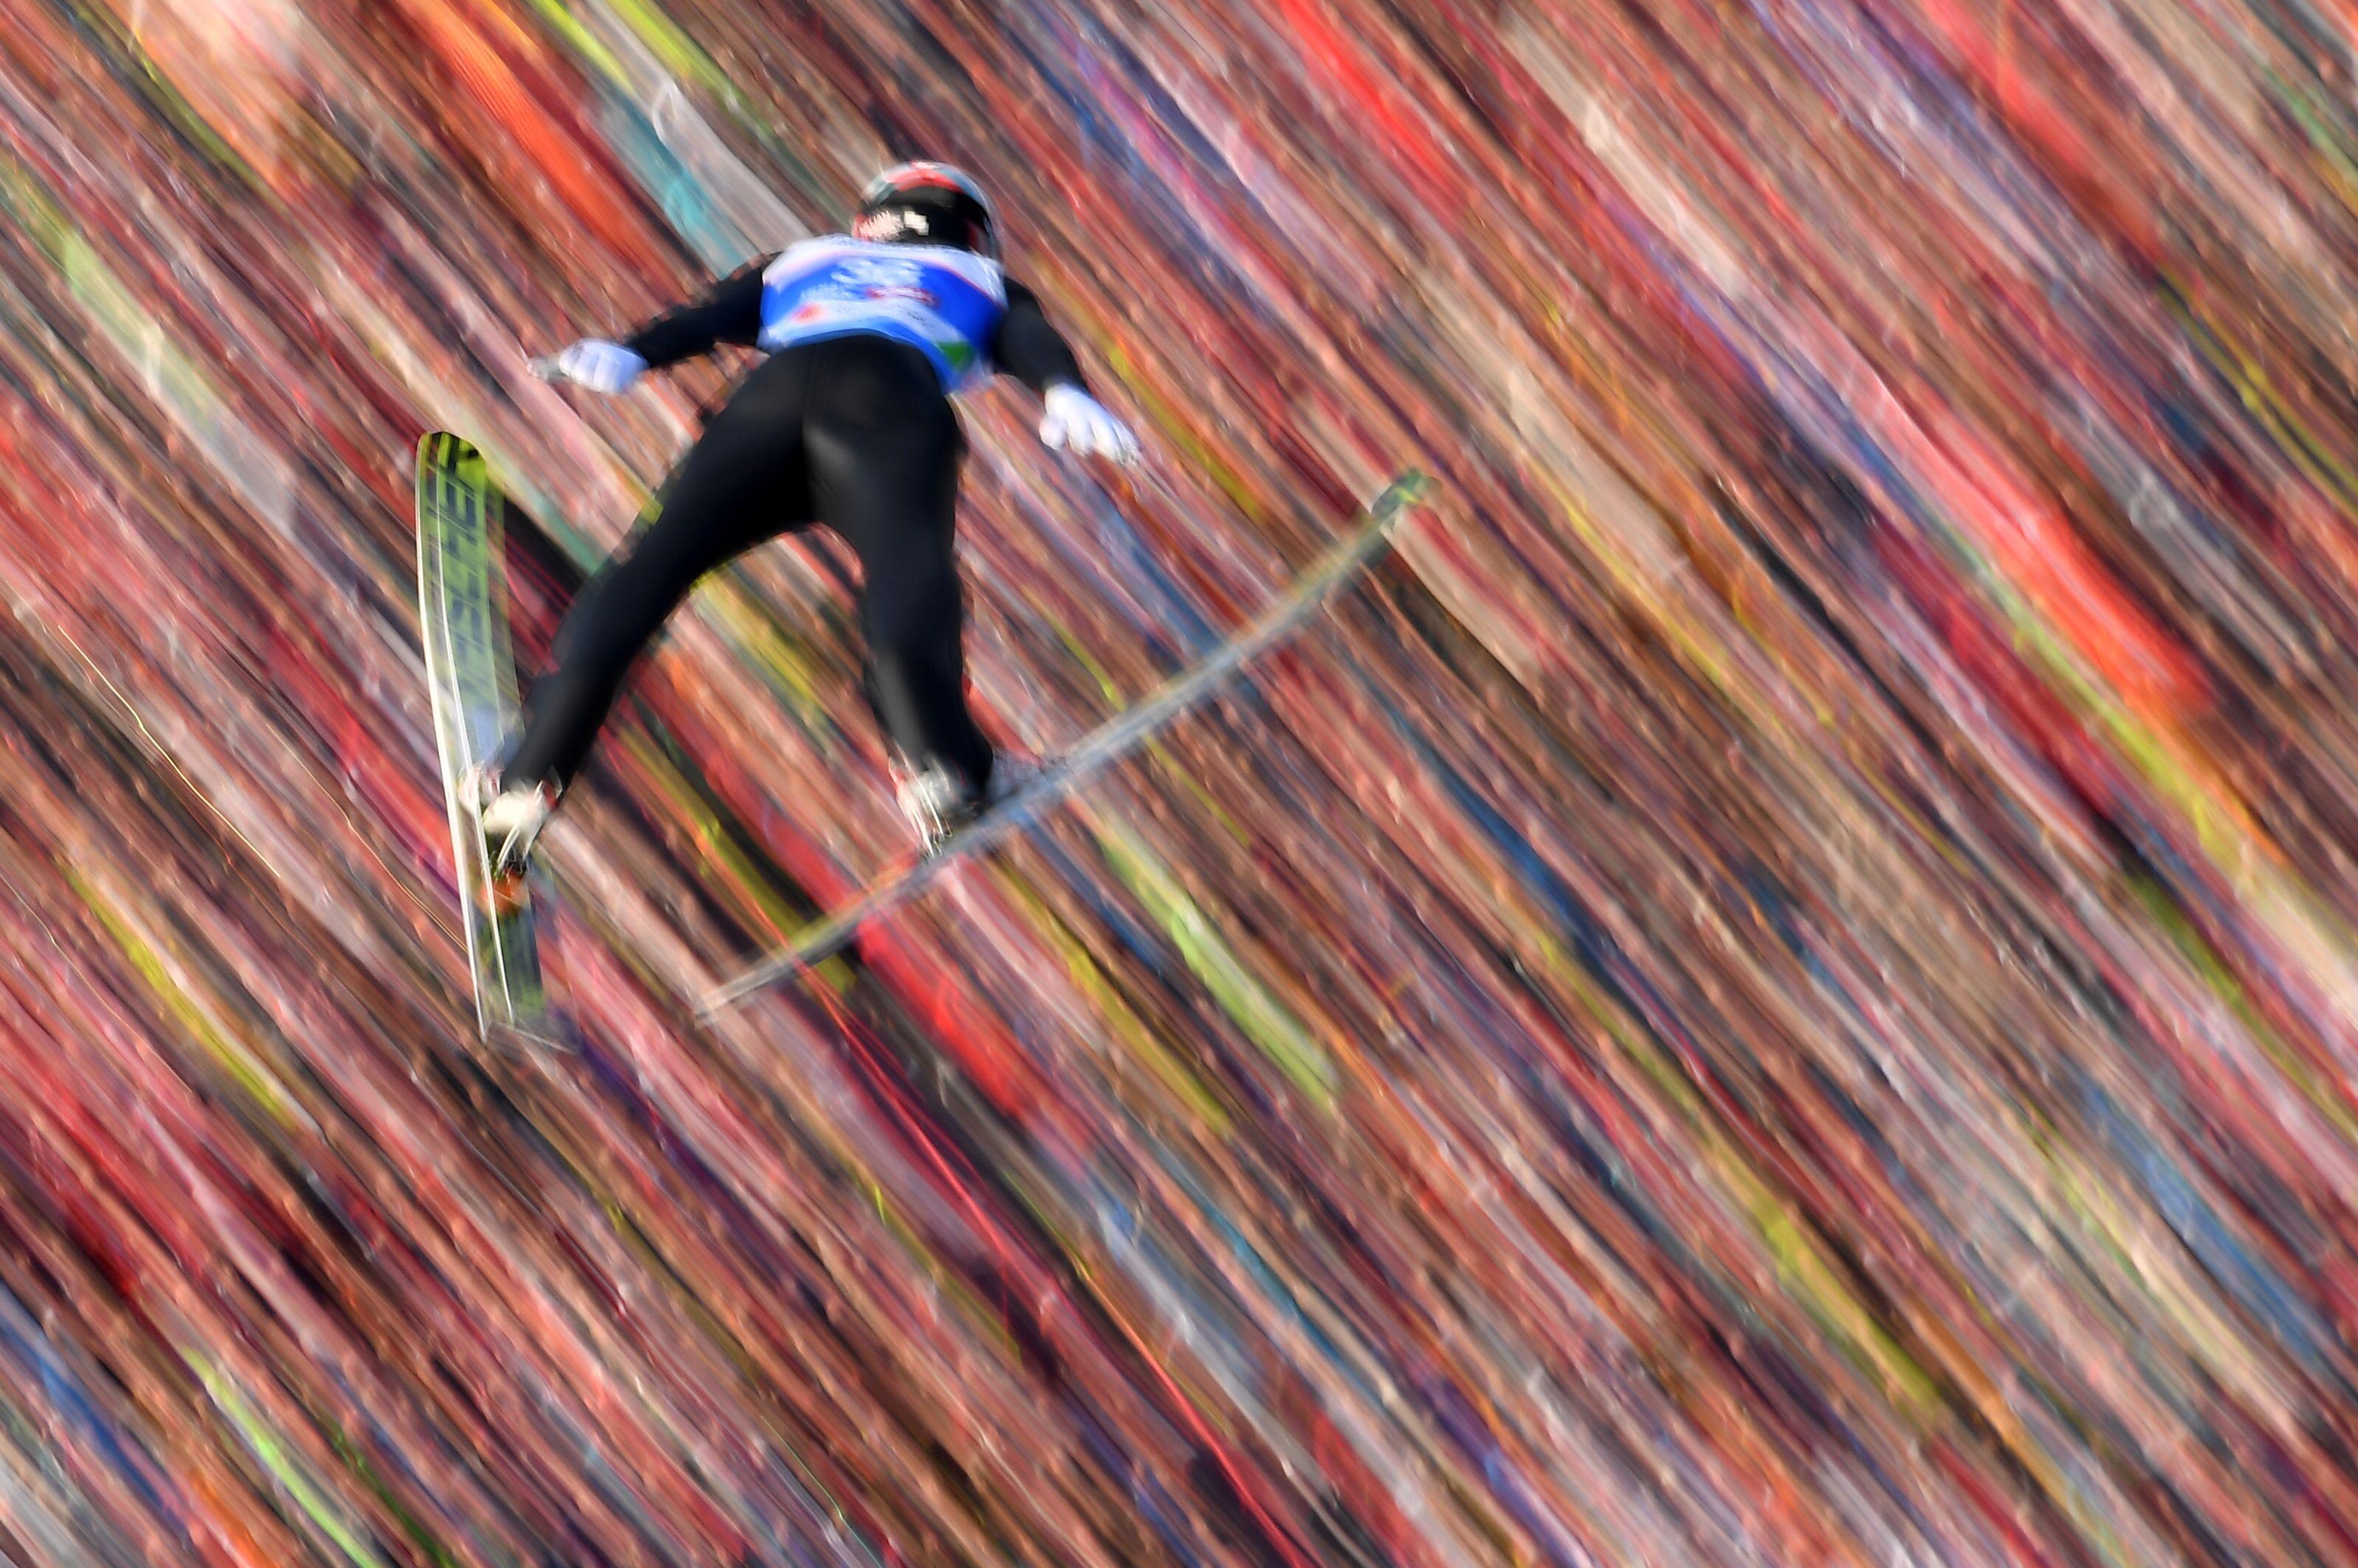 Killian Peier de Suiza se eleva en el aire durante el evento de salto de esquí en el Campeonato del Mundo de Esquí Nórdico FIS en Bergisel-Schanze. AFP